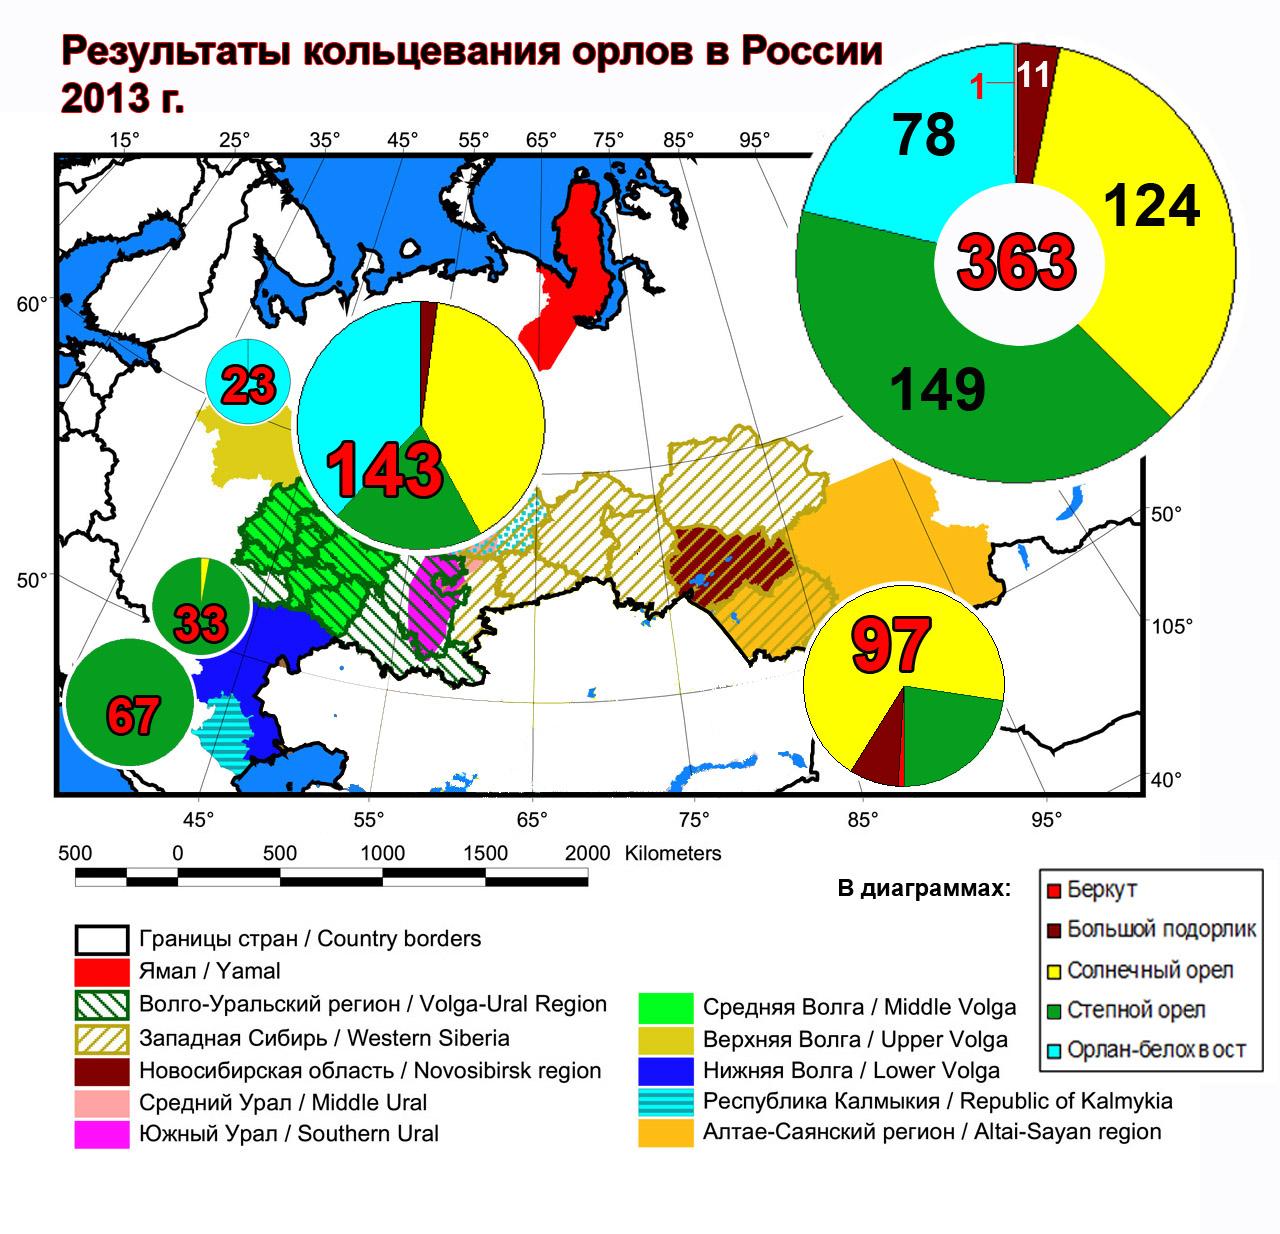 Результаты кольцевания орлов в России в 2013 г.